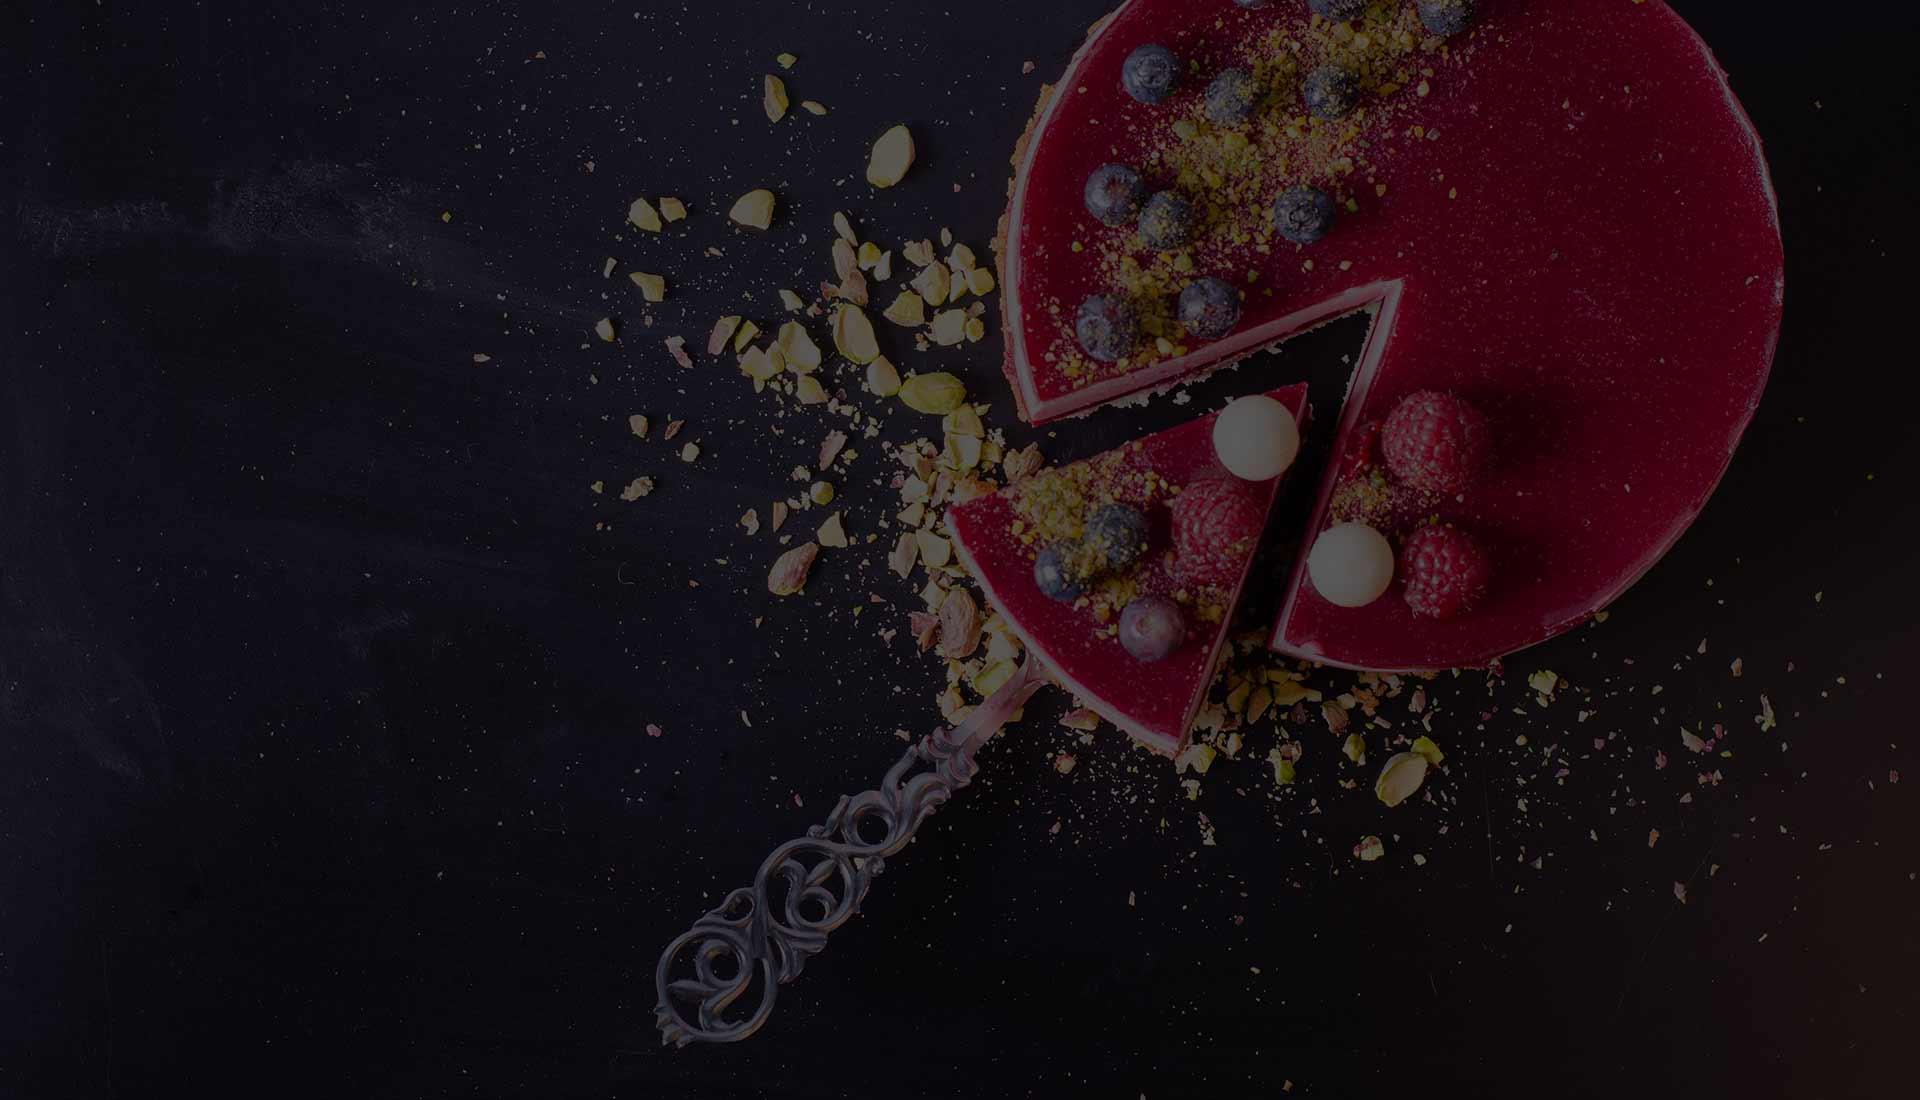 foodjoy-sweet-bakery-laboratorio-pasticceria-cantu-brioches-pasticcini-torte-caffe-prodotti-pasticceria-torta-soffice-frutti-bosco